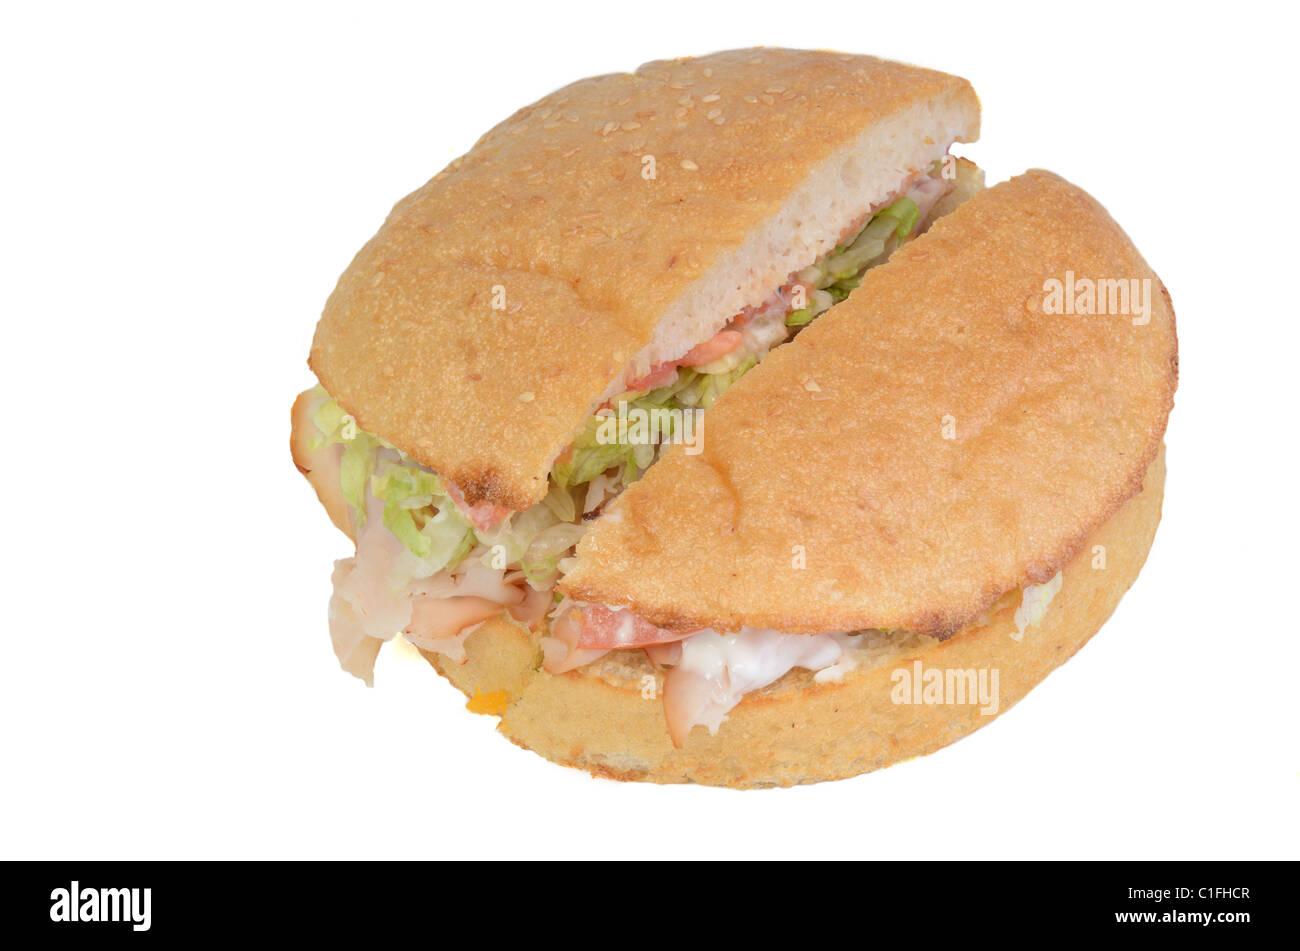 A delicious deli sandwich cut in half - Stock Image